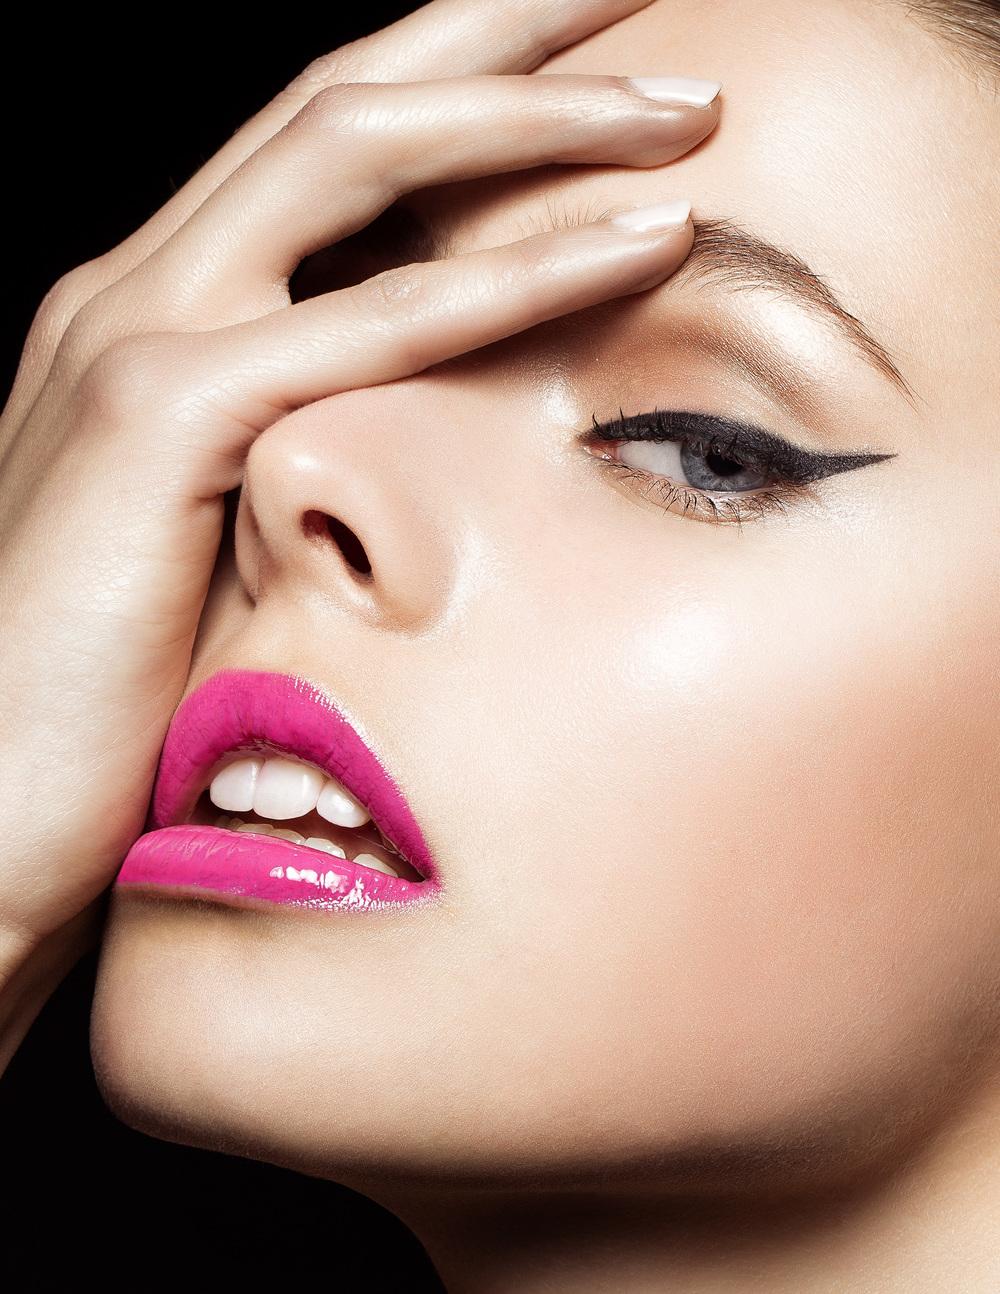 pinklipbeauty.jpg